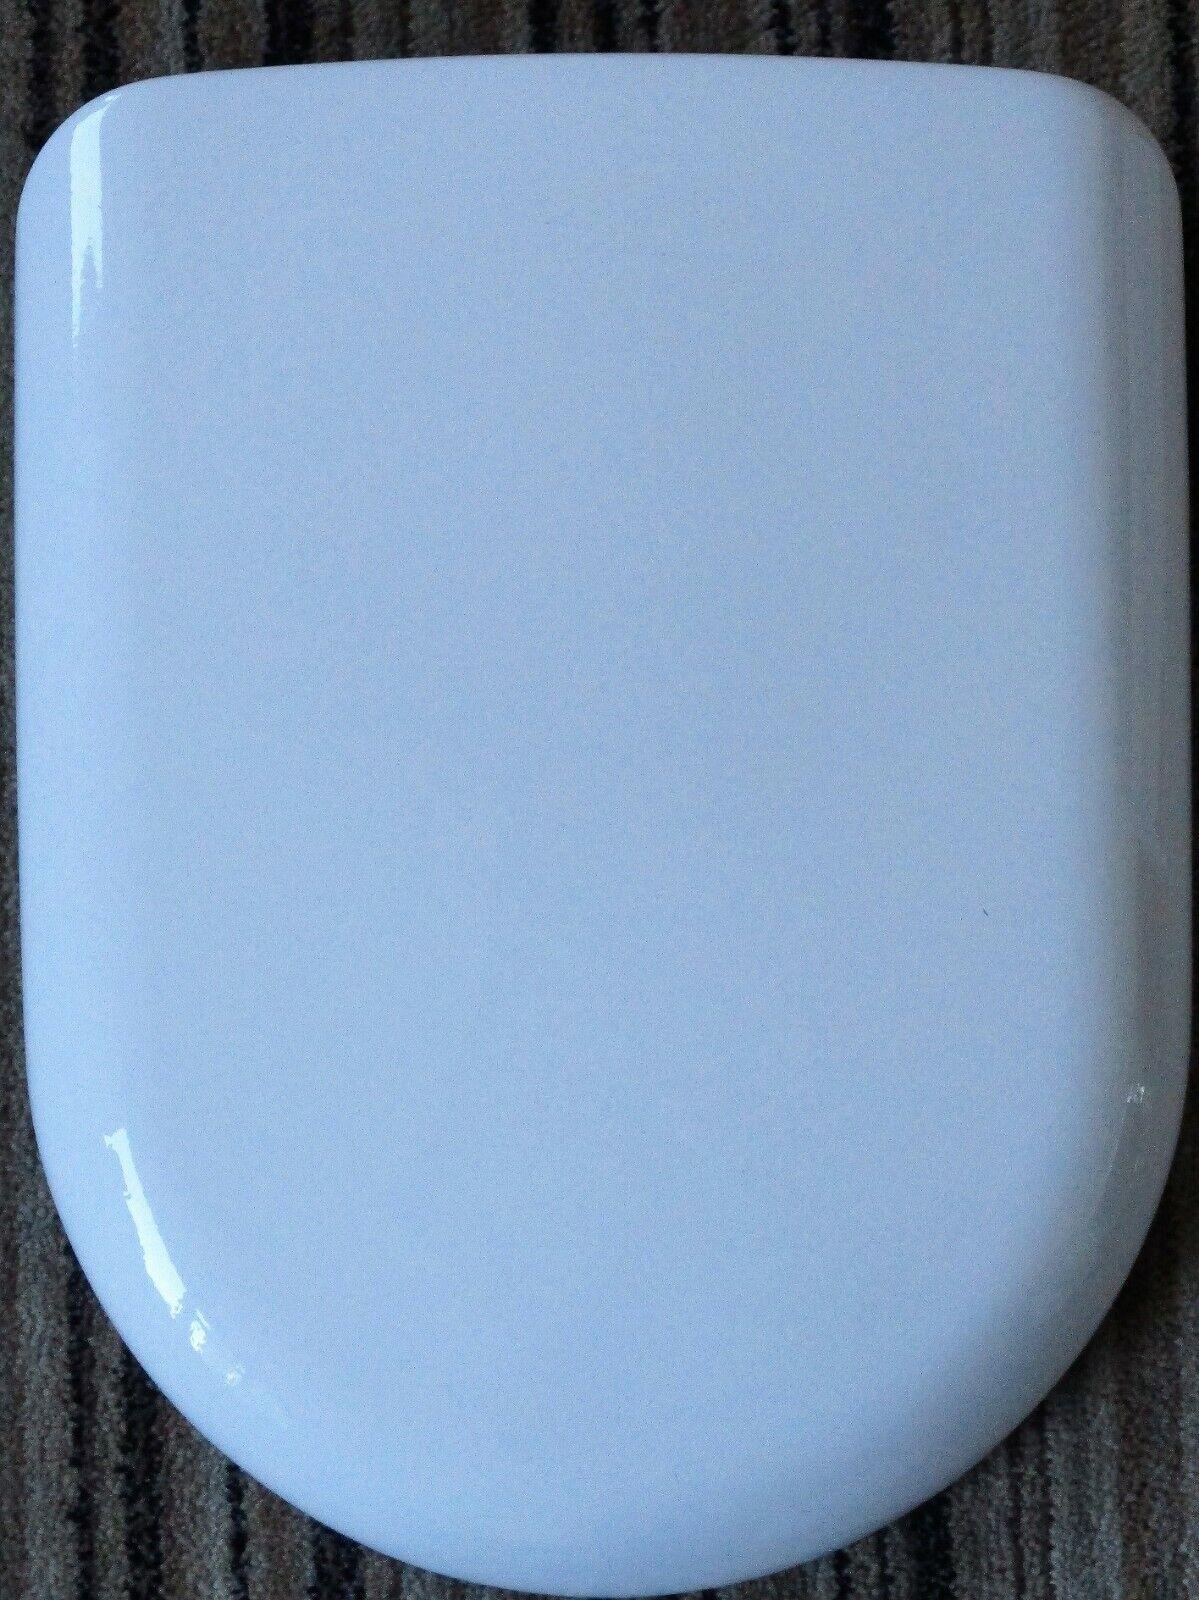 Pressalit Villeroy & Boch Magnum asiento del inodoro en blancoo con bisagras de acero